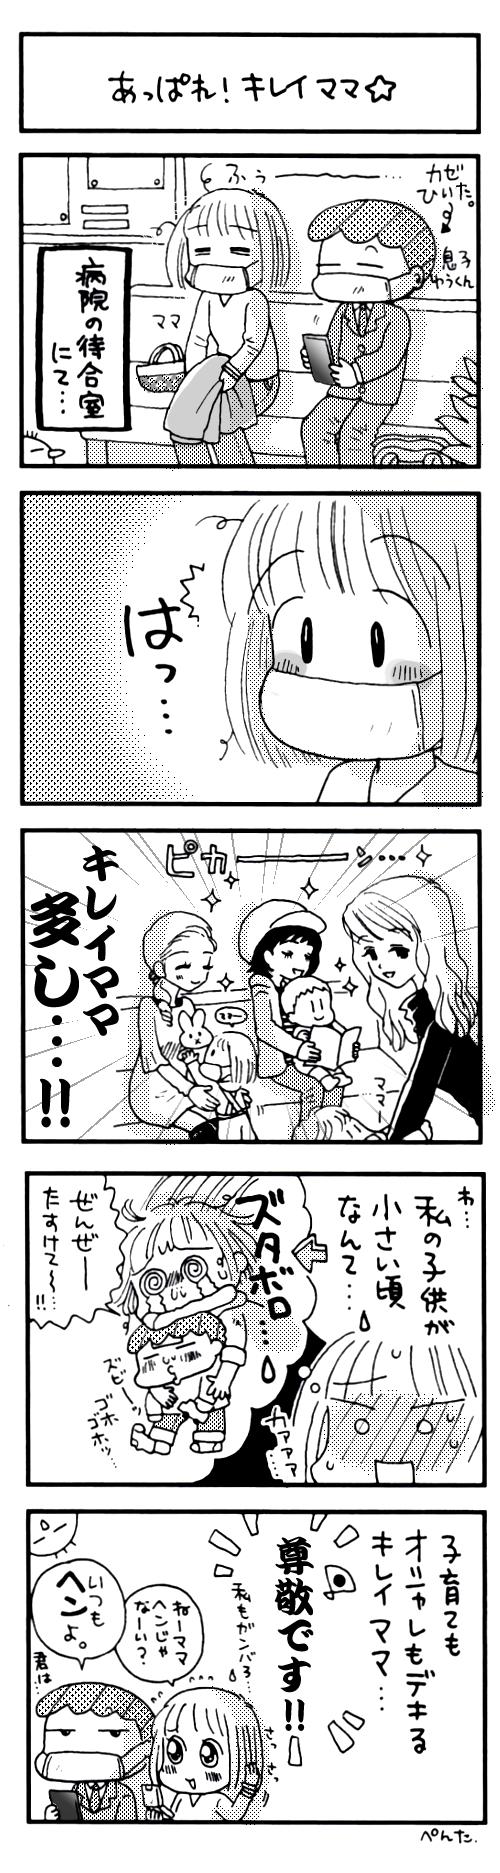 キレイママ-タテ並び500(完成)直し